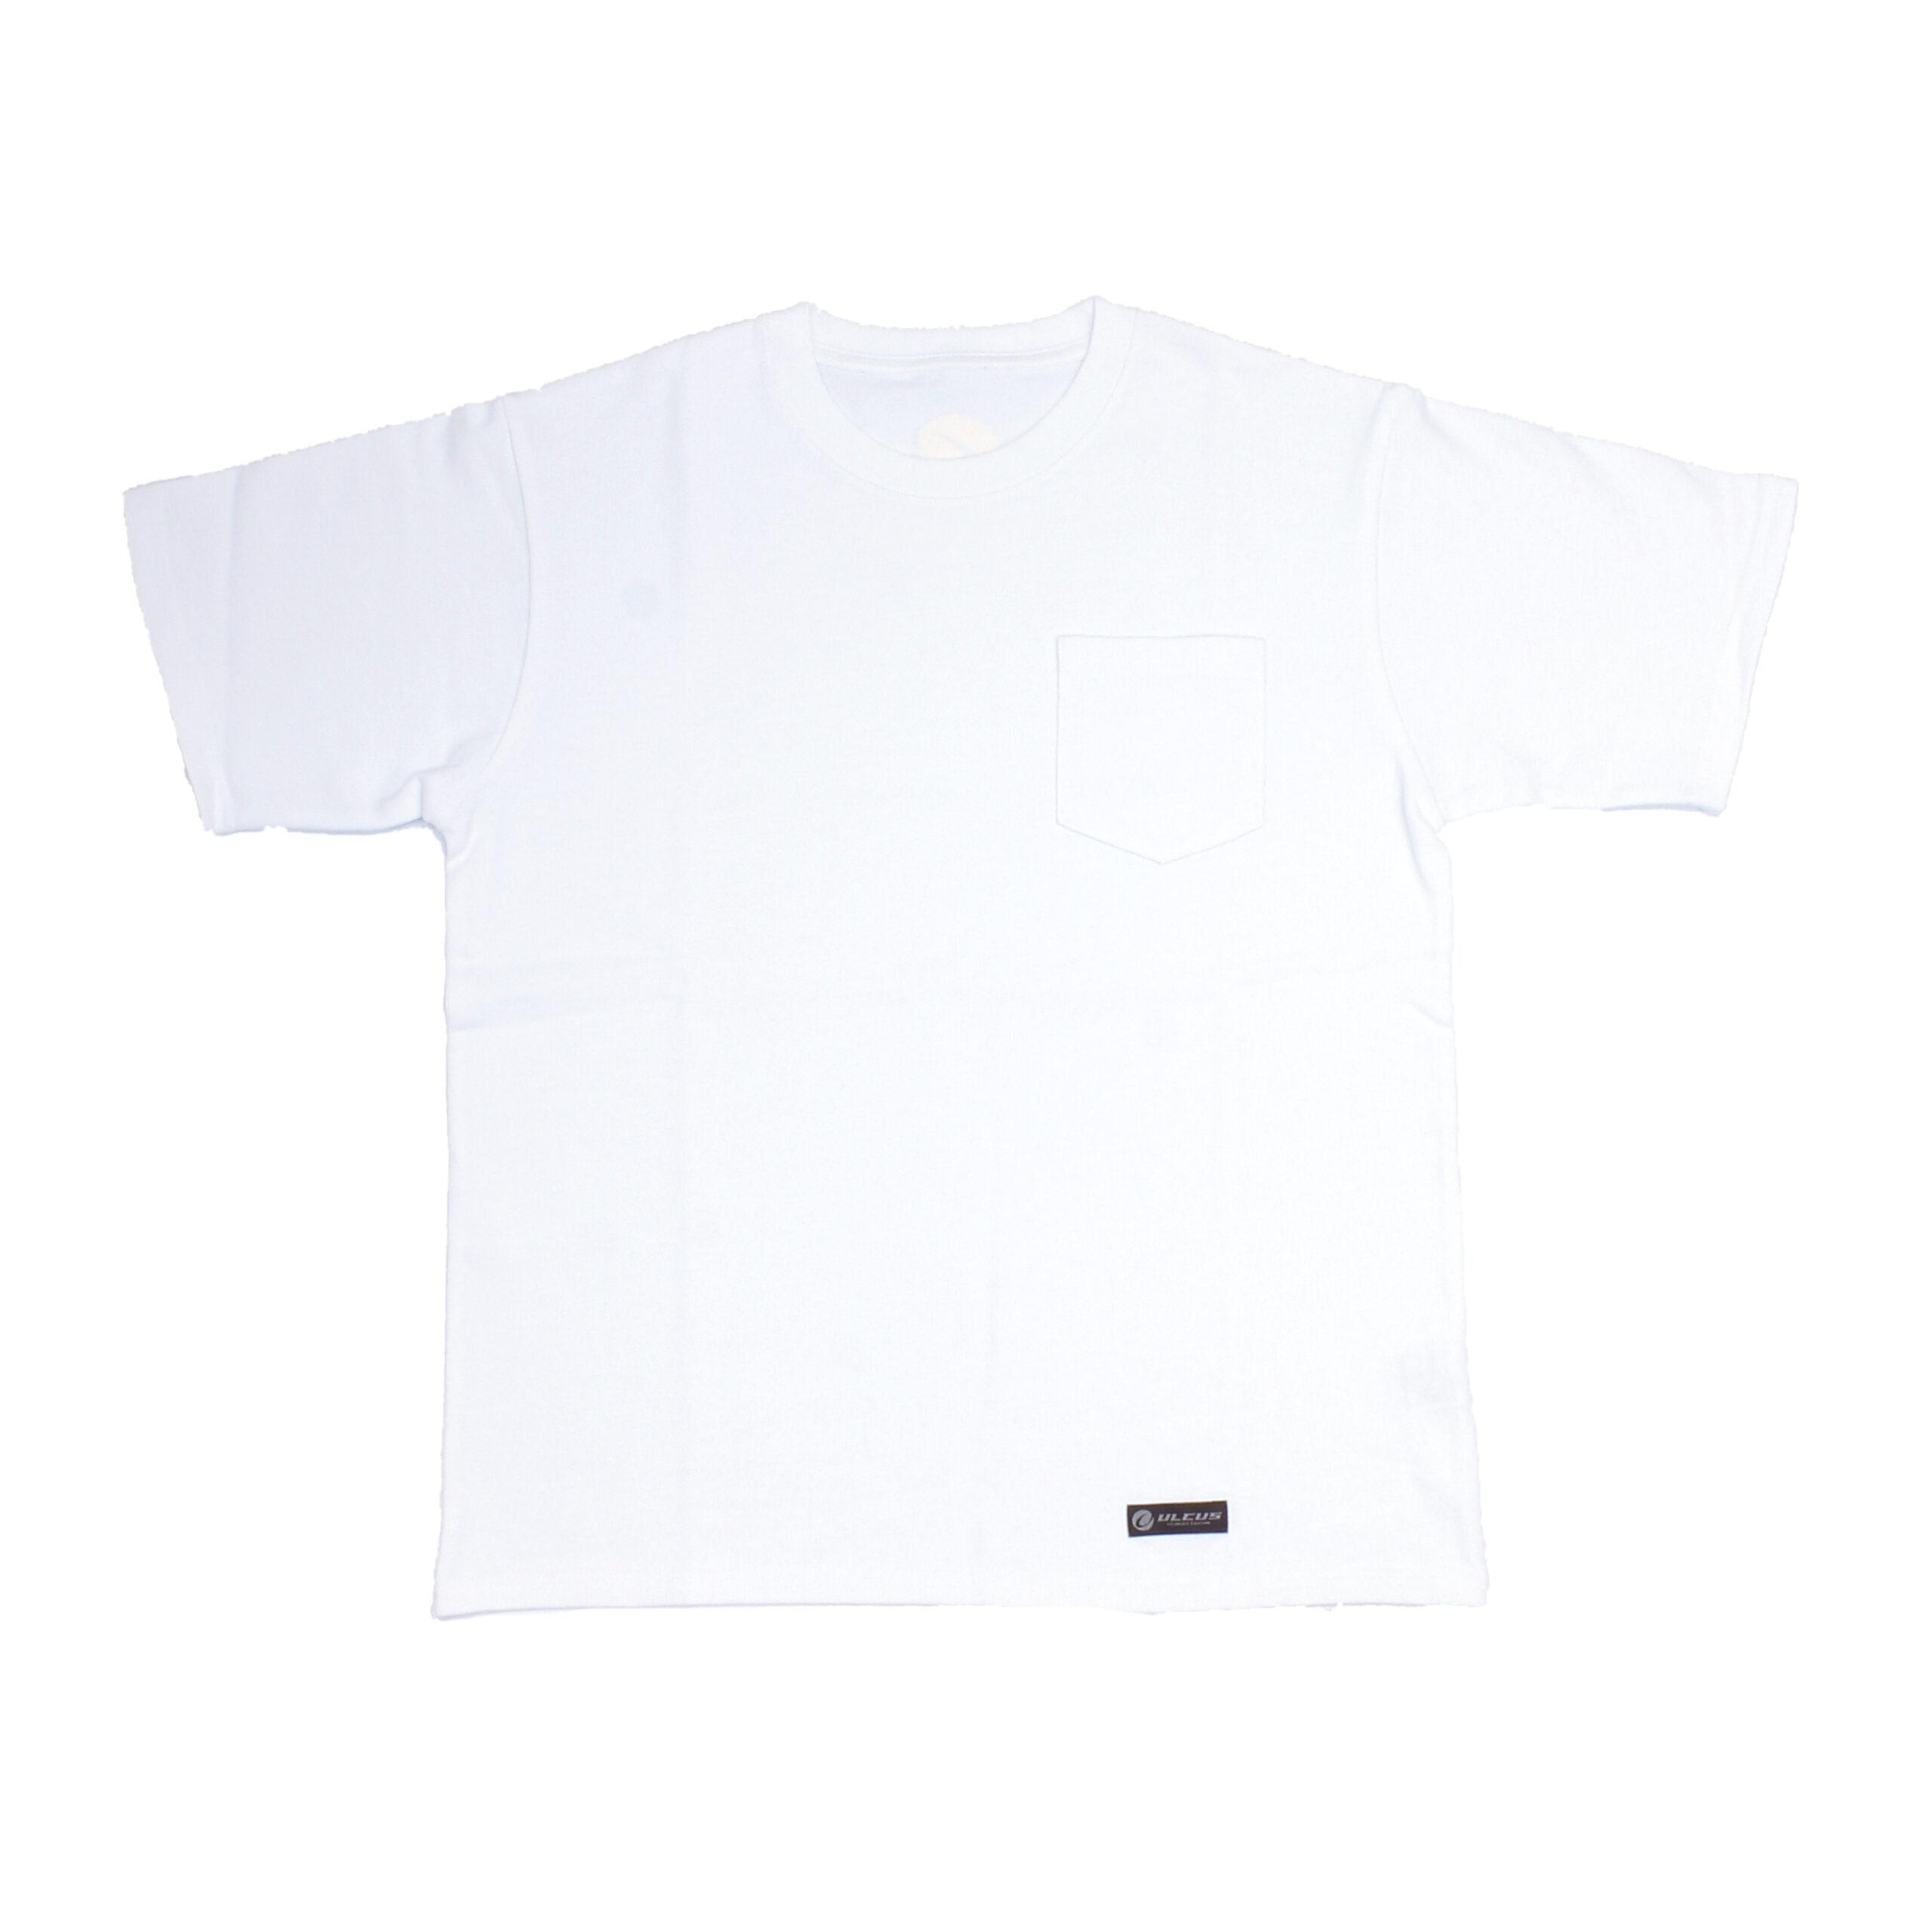 ULCUSポケット付きTシャツ ホワイト